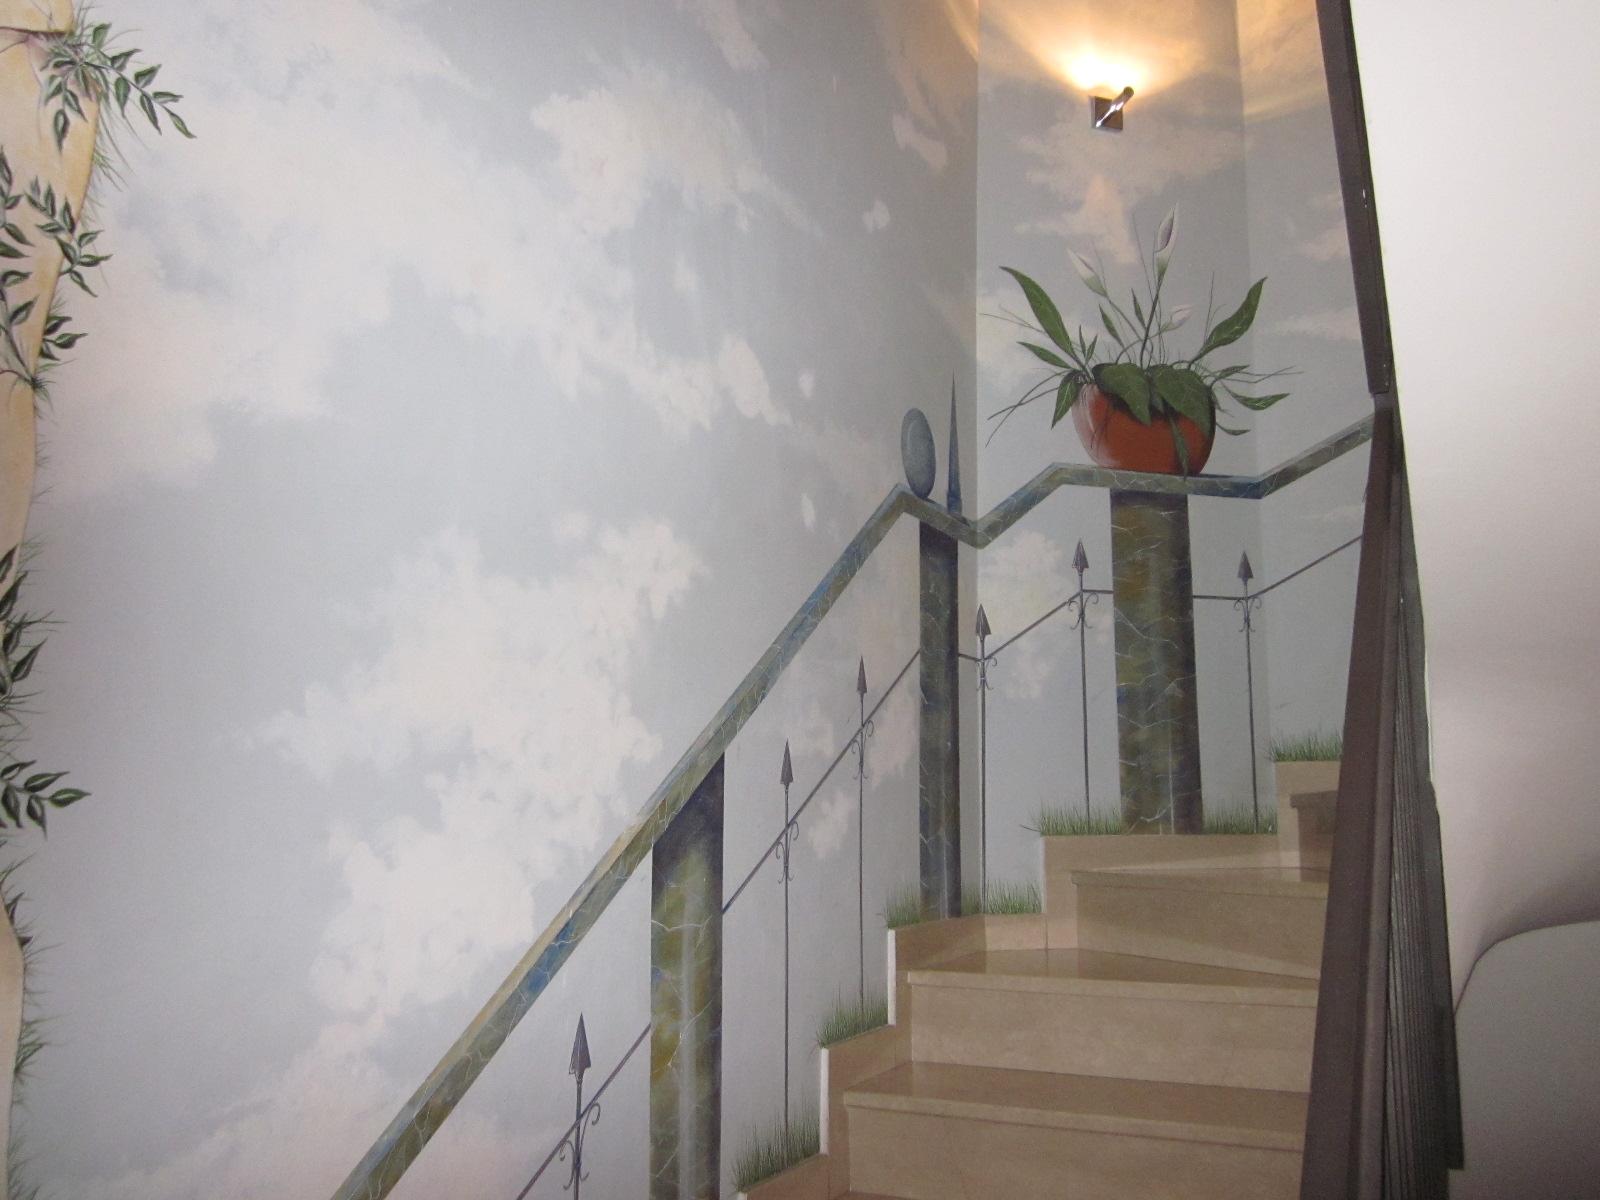 Villa a Schiera in vendita a Arese, 6 locali, zona Località: Centro, prezzo € 380.000 | Cambio Casa.it